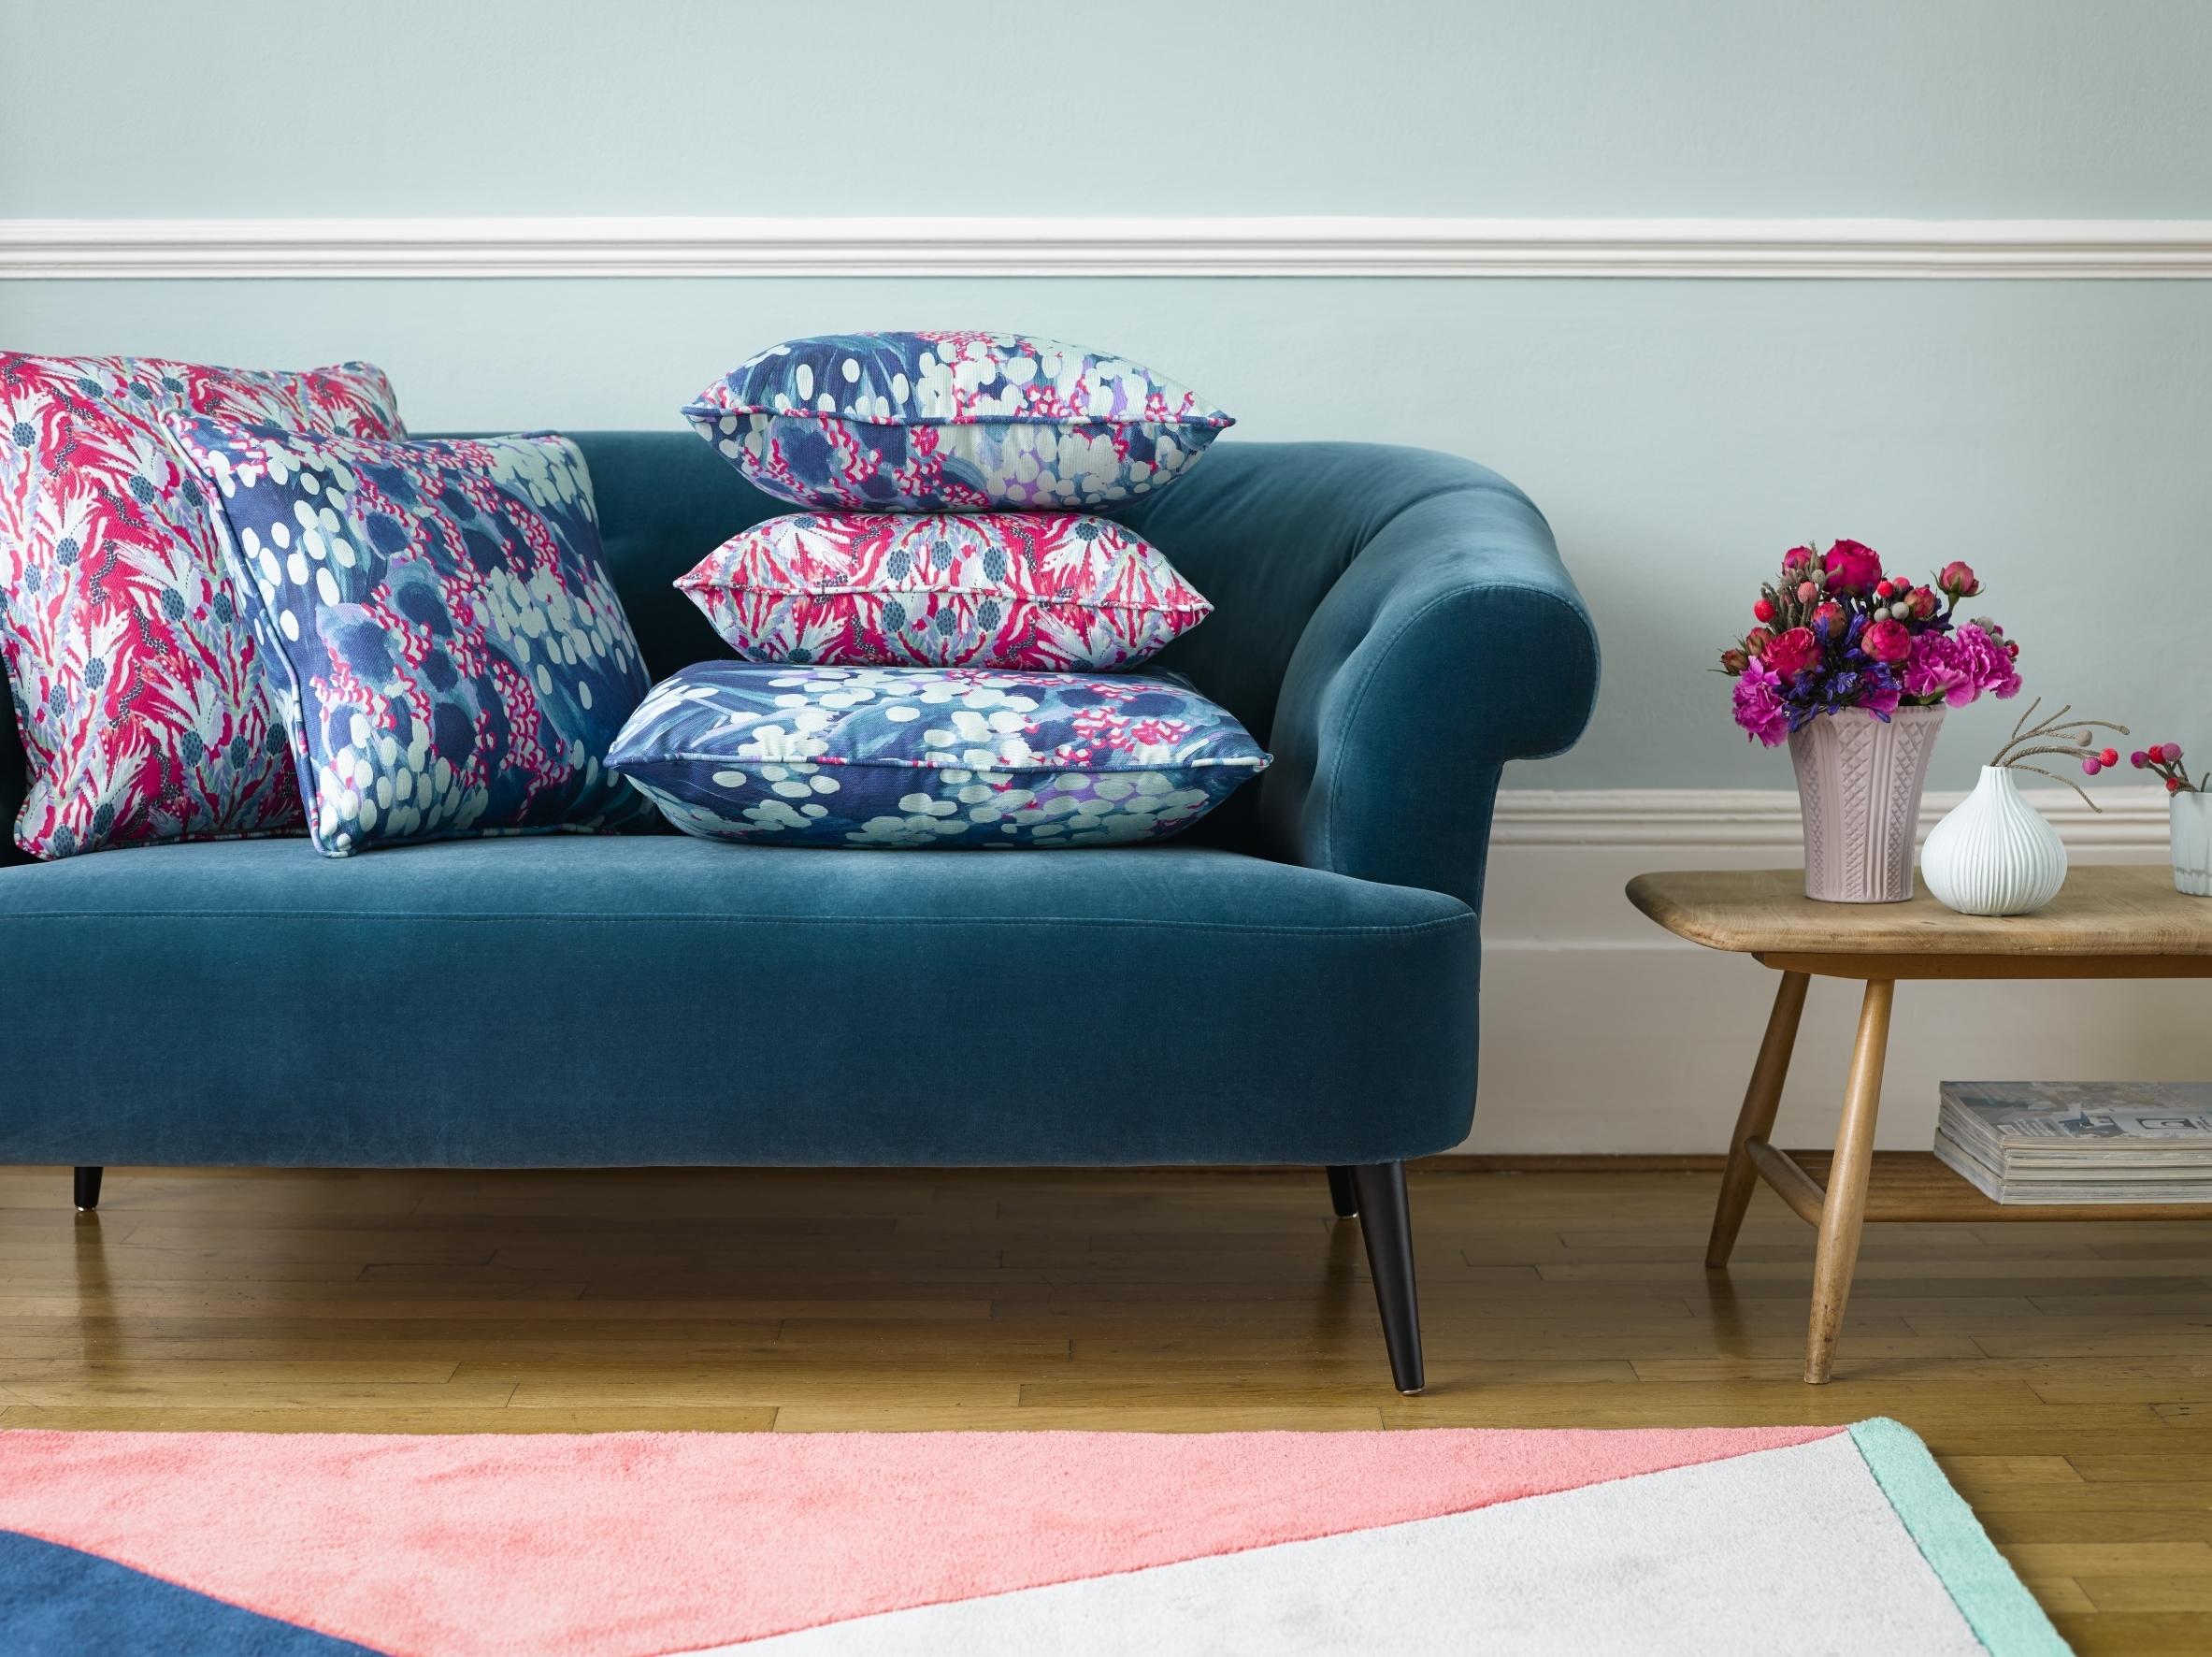 modelli e prezzi divani colorati - Il Divano - Divani colorati